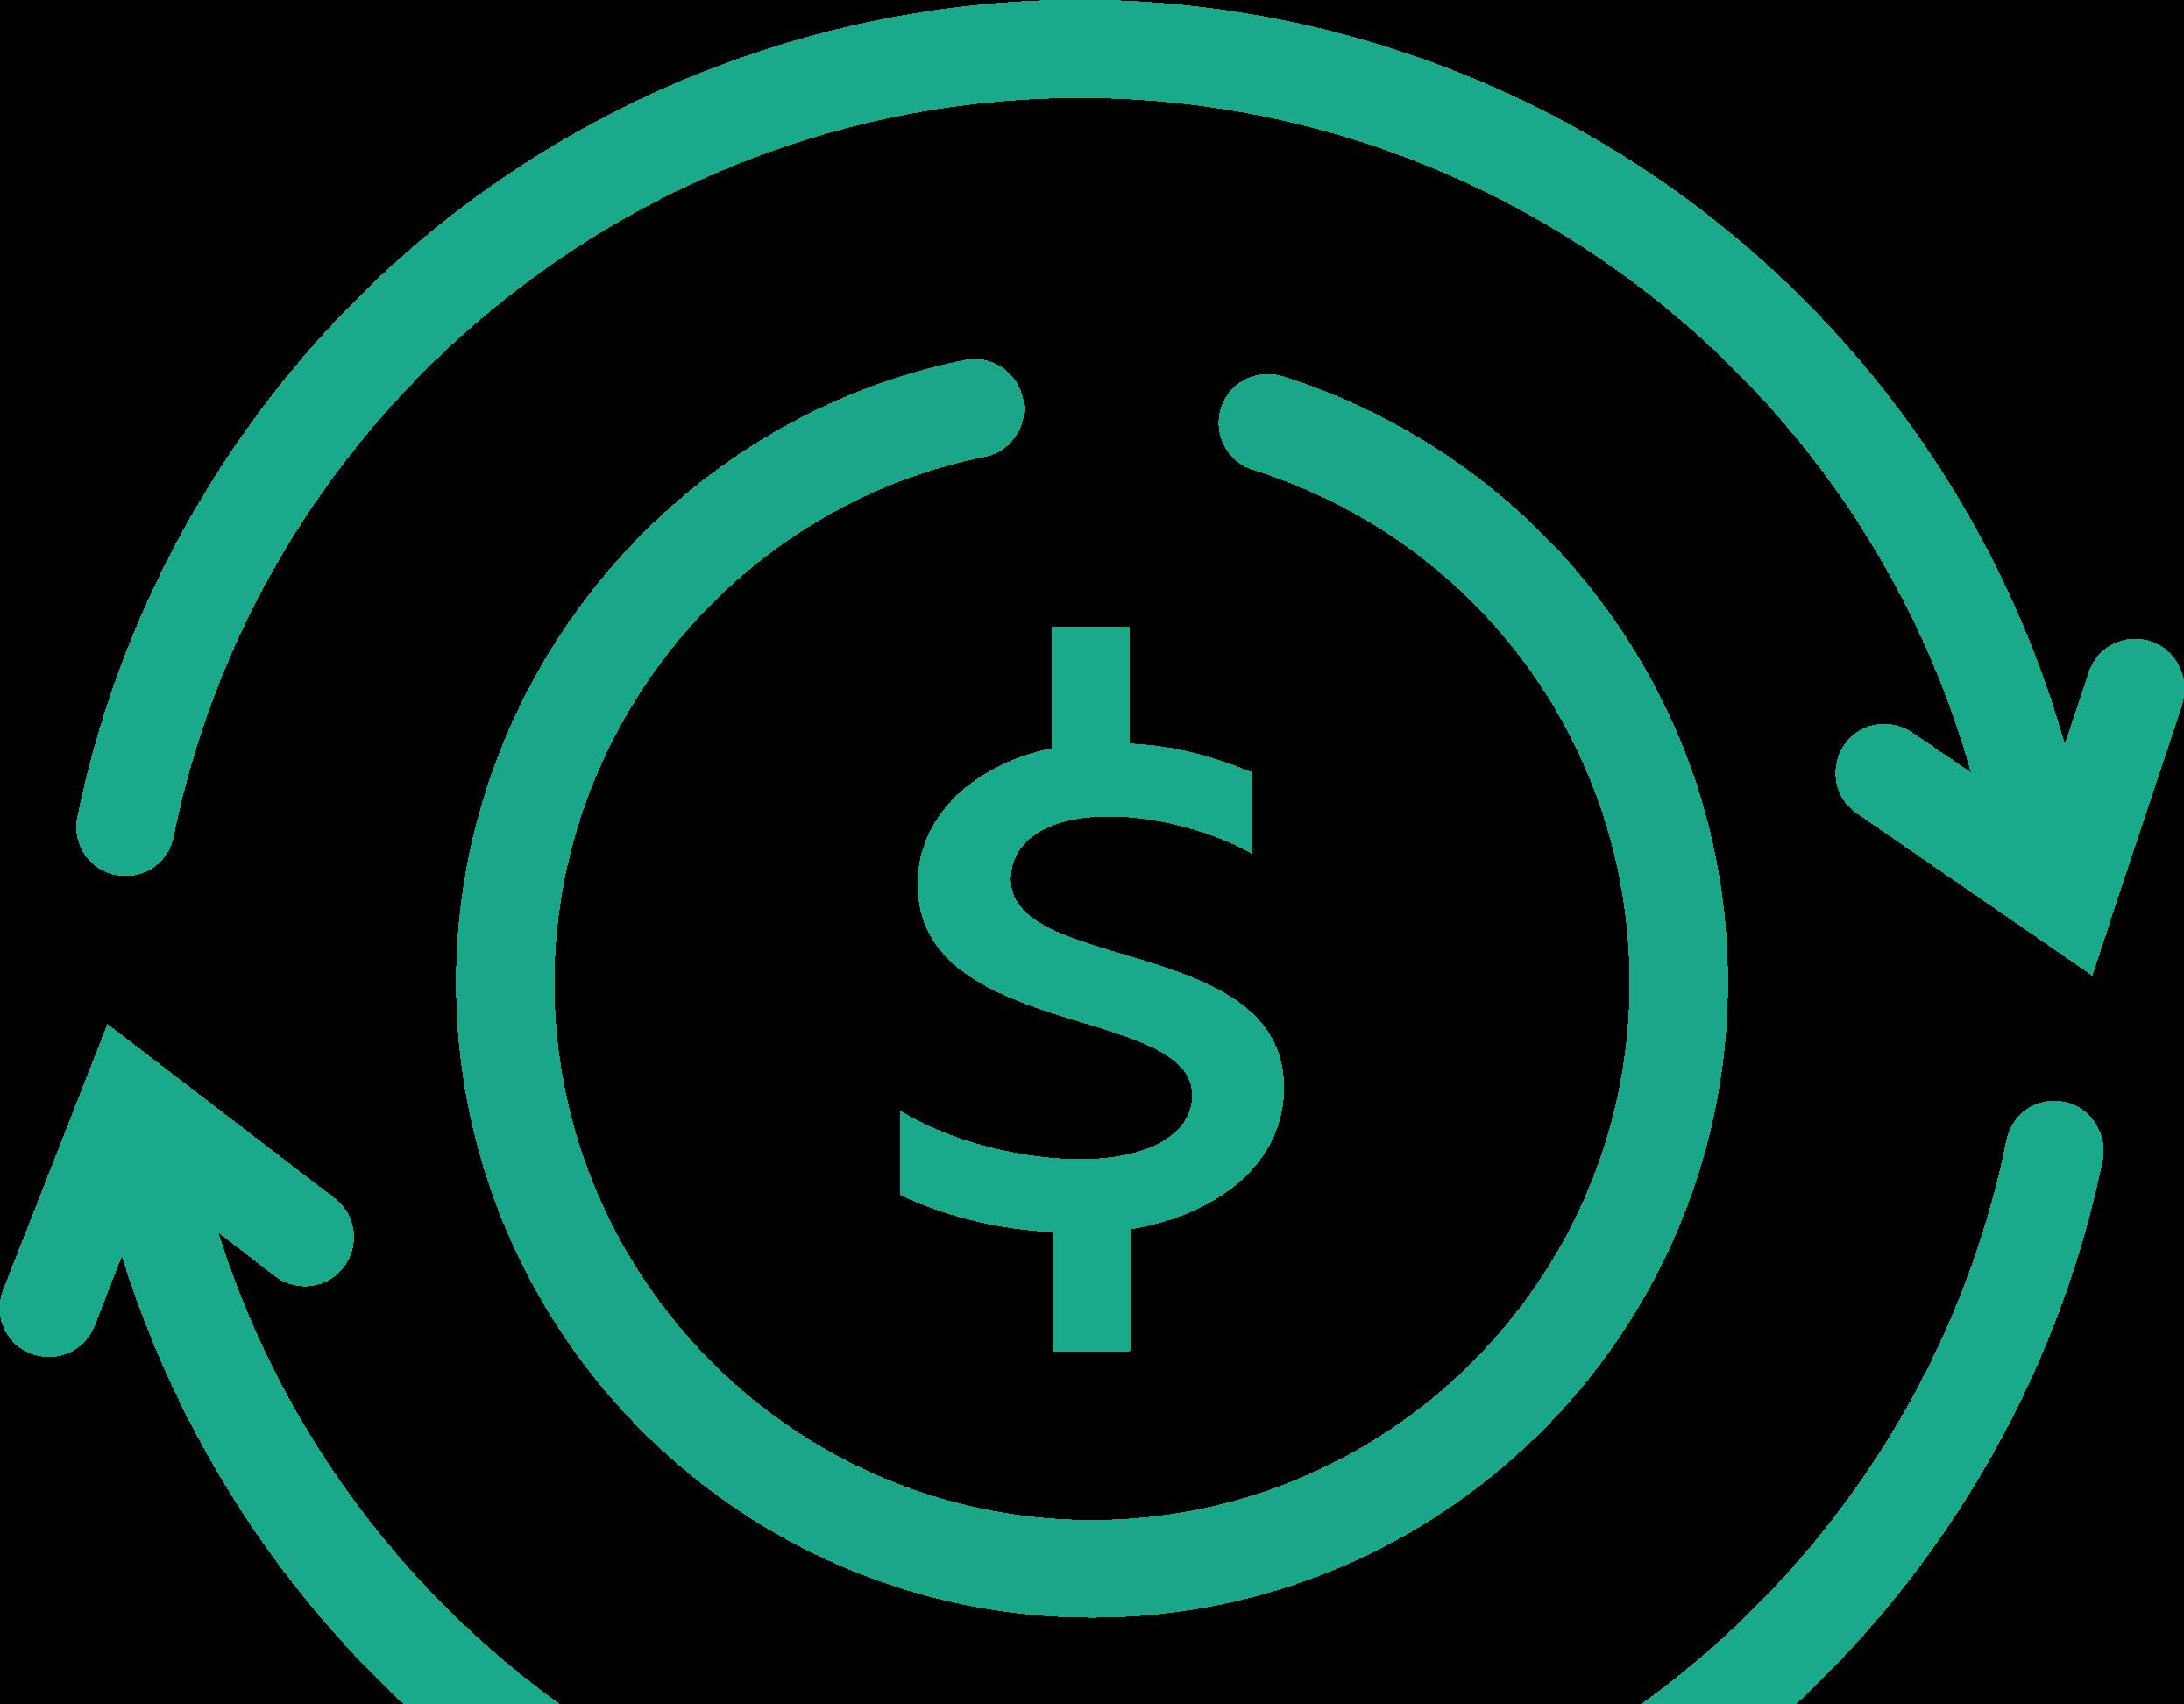 Euro-Symbol und Linien mit Pfeilen stellen die Bewegung von Geld dar